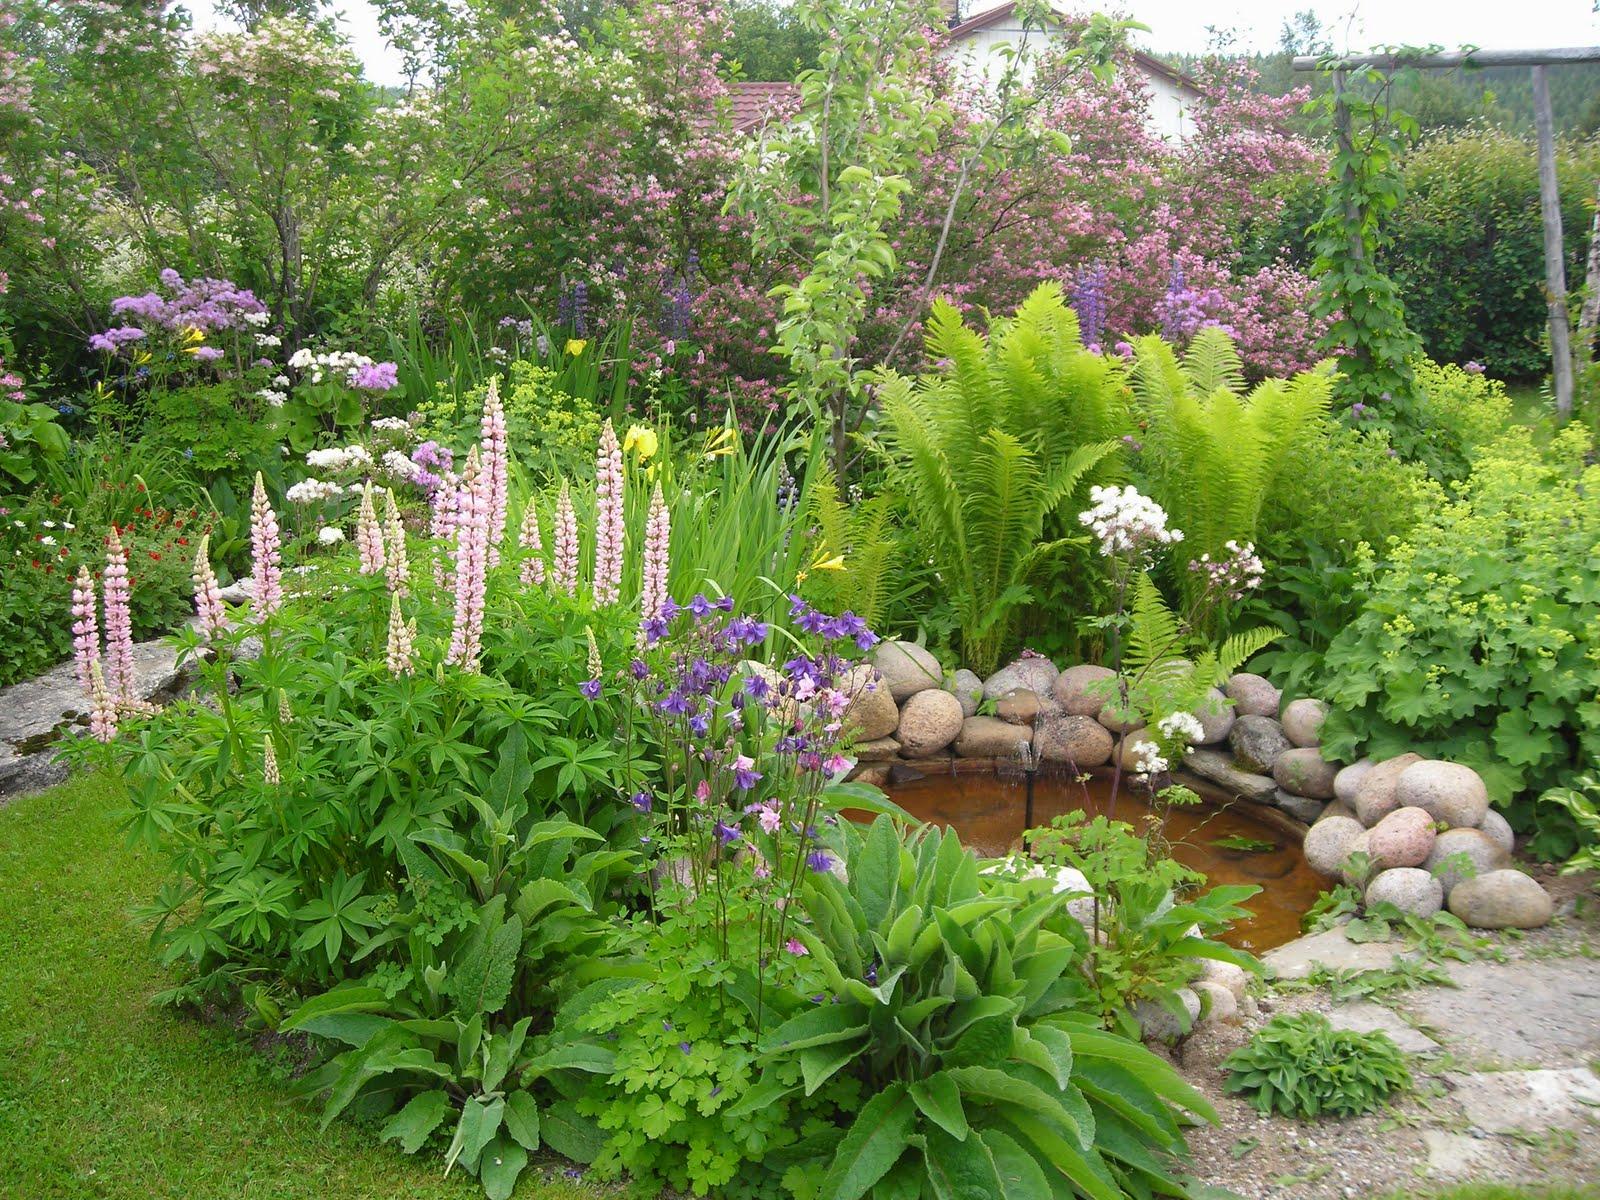 Výsledok vyhľadávania obrázkov pre dopyt obrázky na upravenu  záhradu a kvetmi